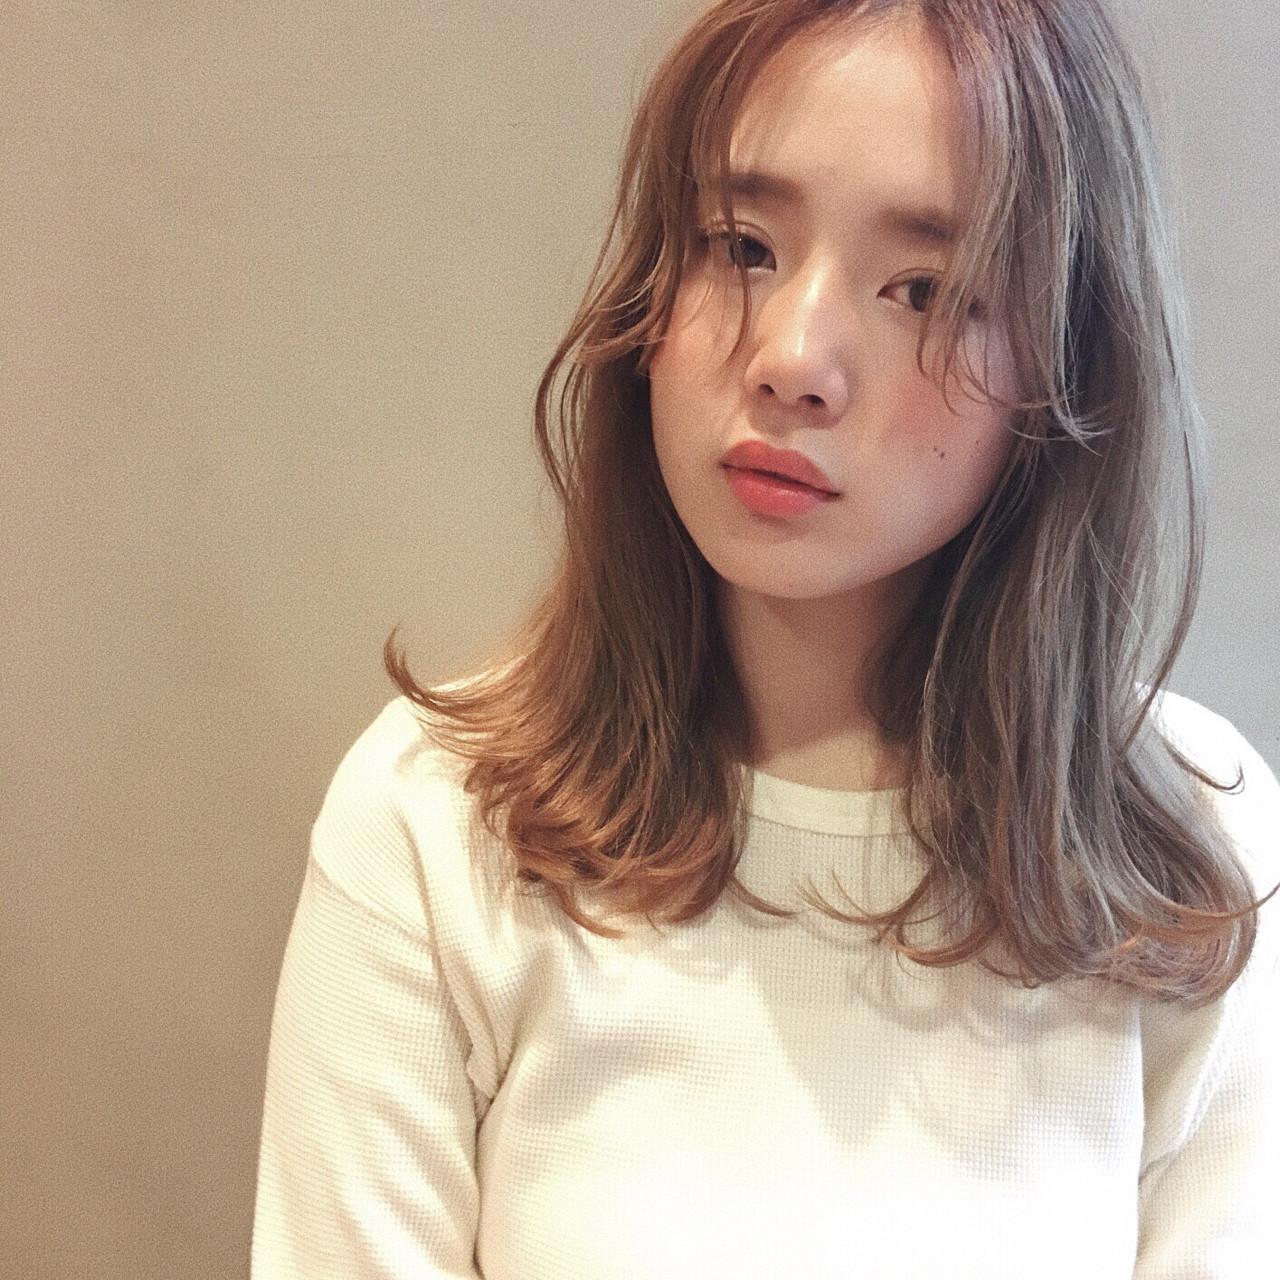 かわいいヘアスタイルまとめ♡今一番旬な女の子の髪型はこれ♪ 谷口 翠彩